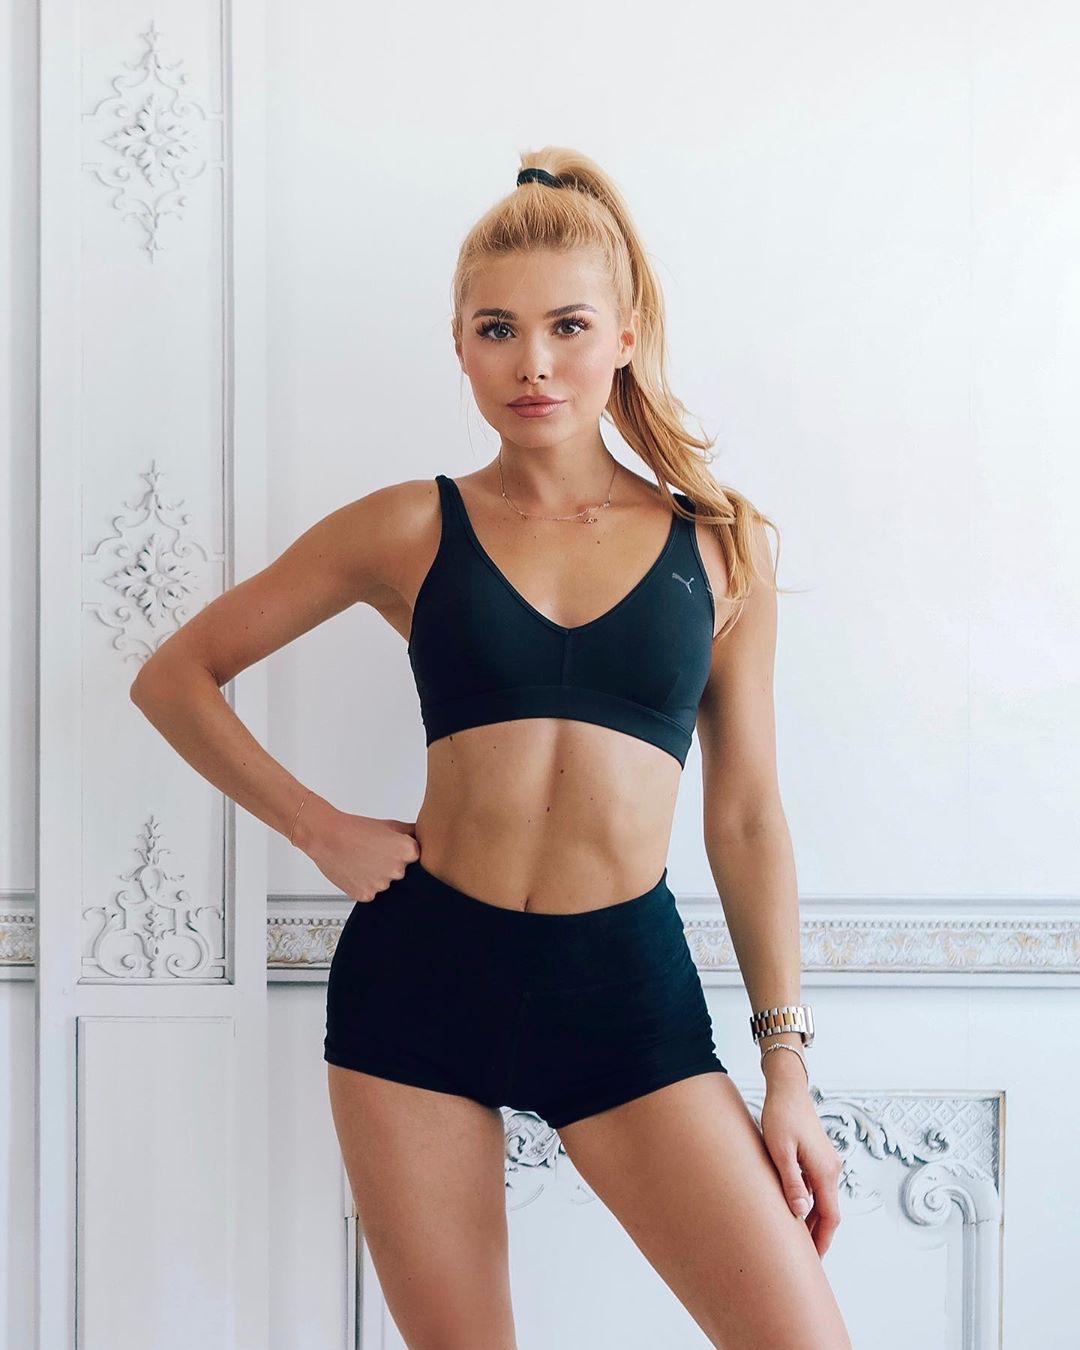 Pamela Reif e i suoi famosi workout online, che dispensa anche consigli sull'alimentazione